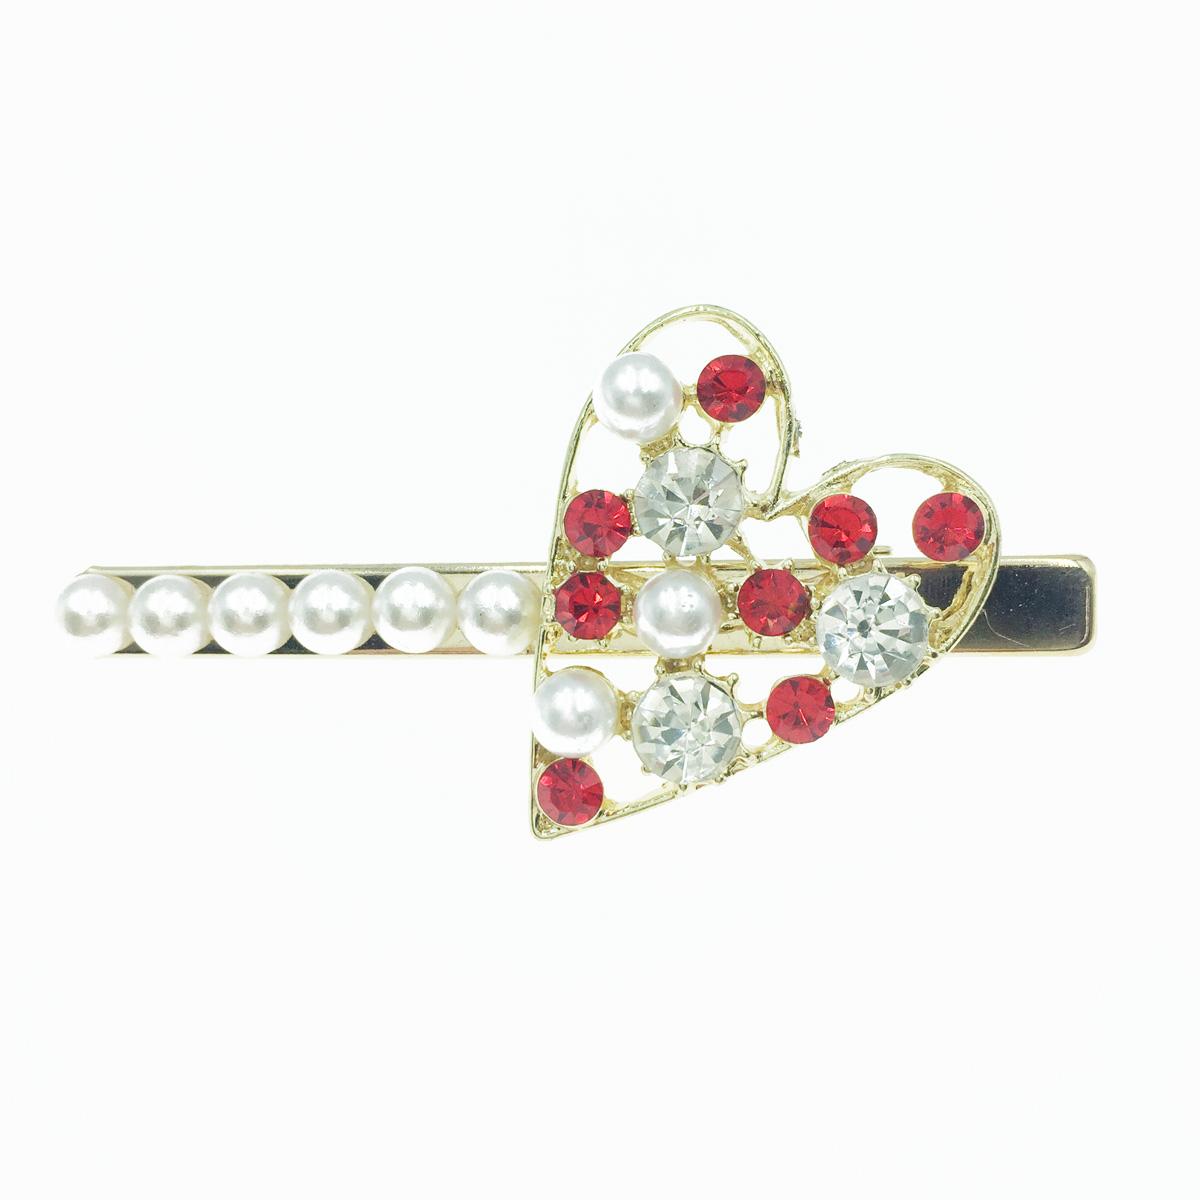 韓國 愛心 水鑽 圓鑽爪鑽 珍珠 髮飾 髮夾 壓夾